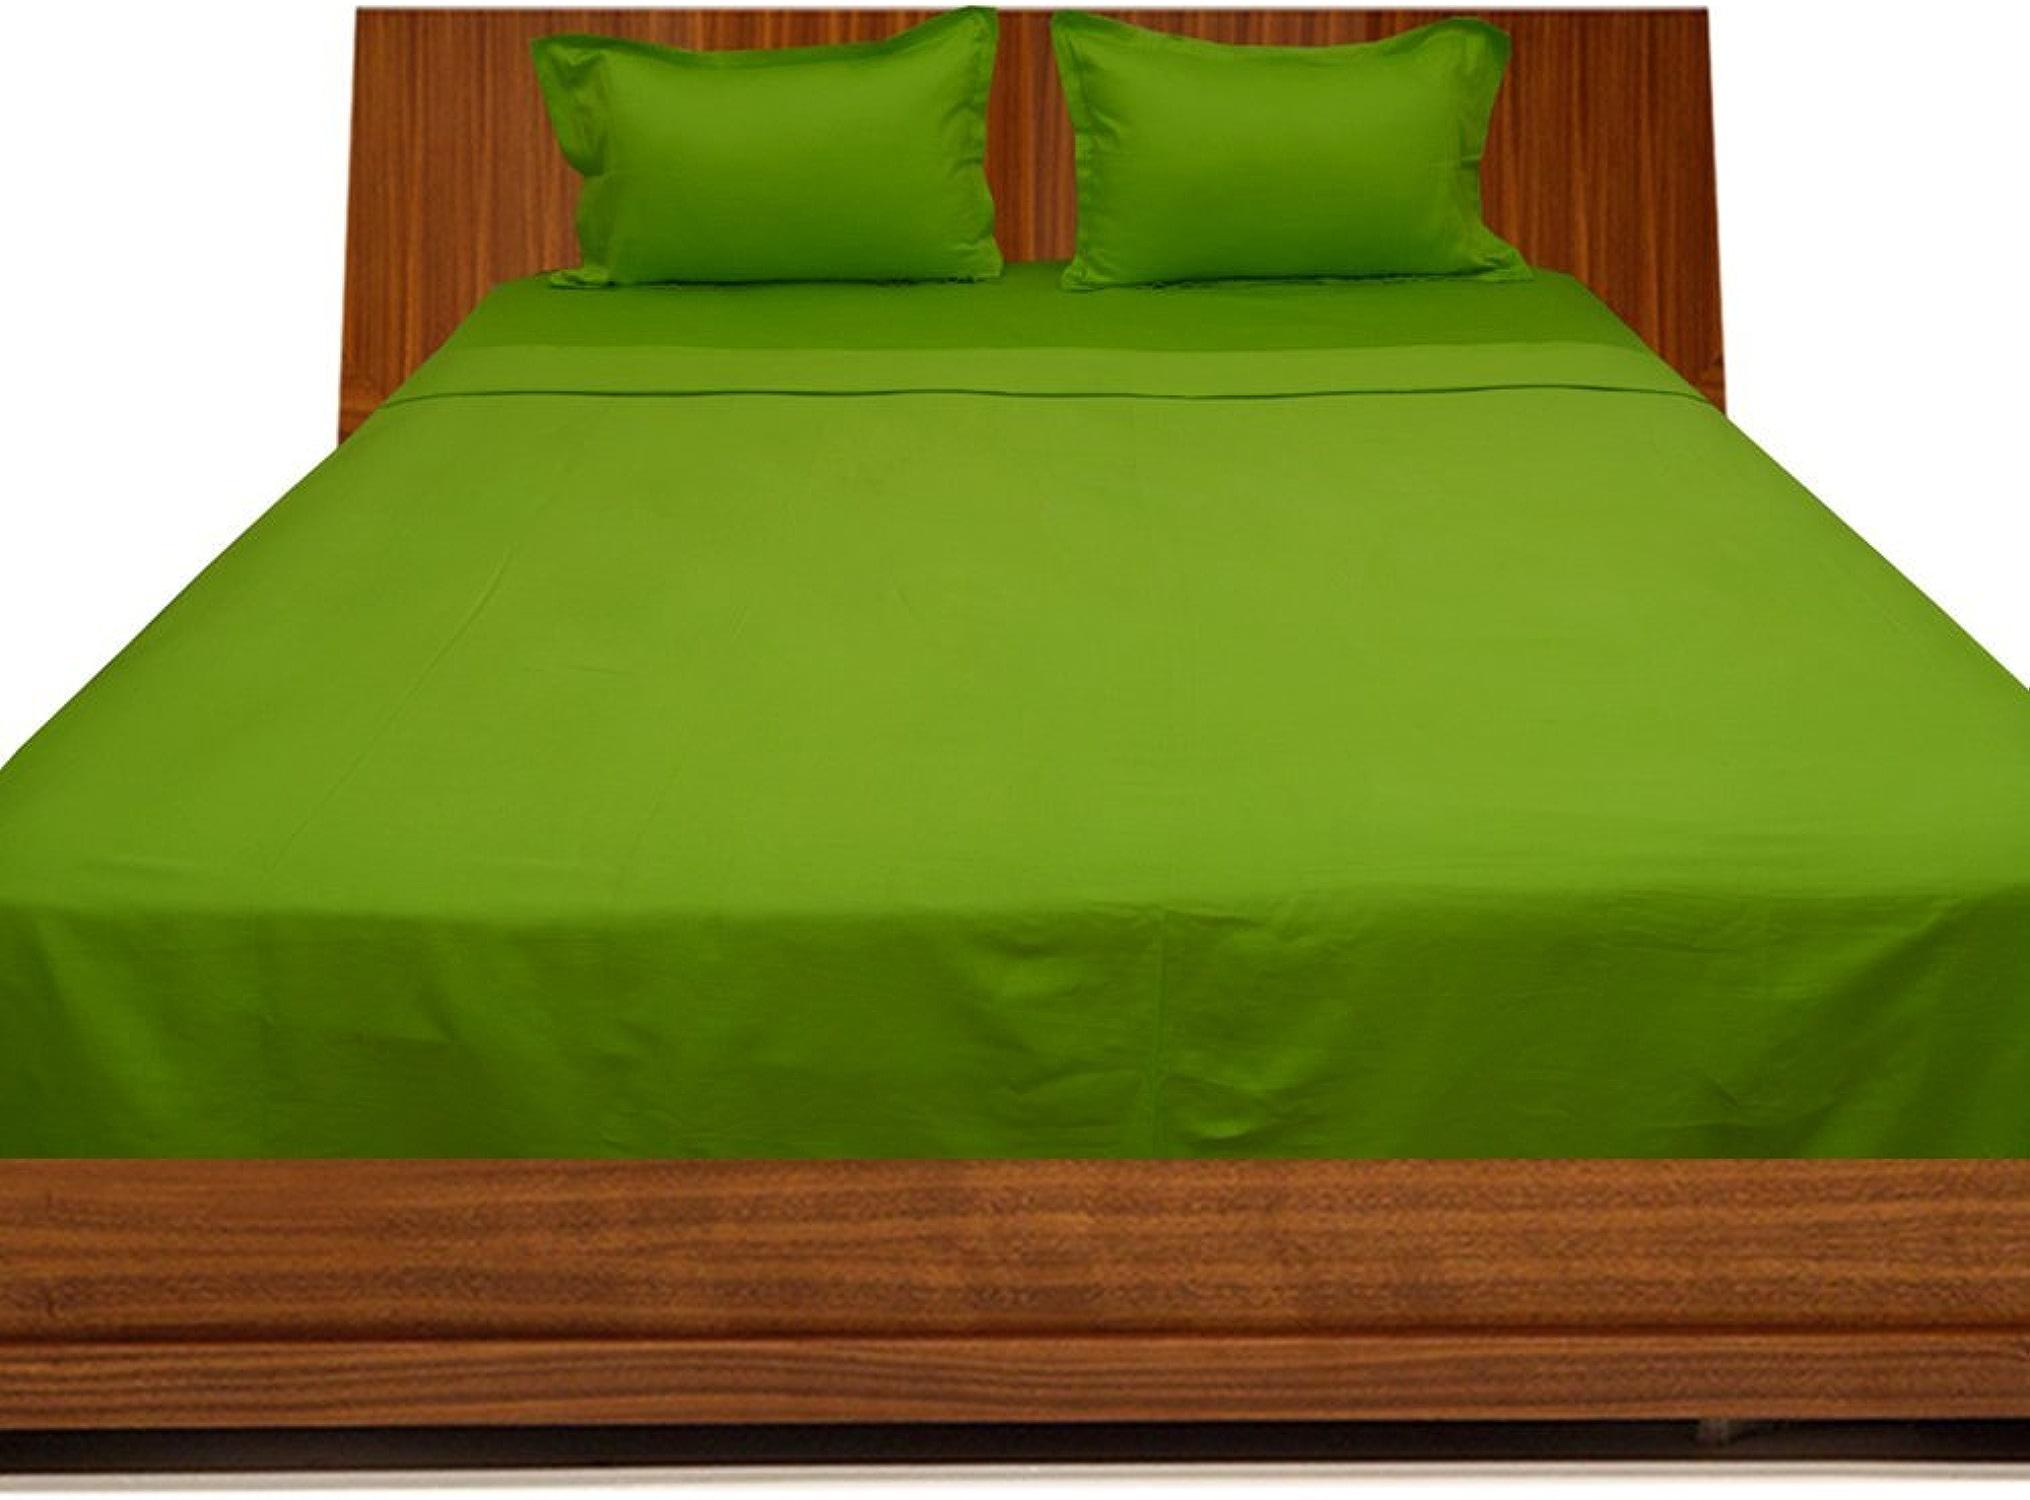 Laxlinens Drap de lit 4pièces en coton égypcravaten 200fils (+ 61cm) très profond Euro grand Poche Simple, Parrouge Vert massif